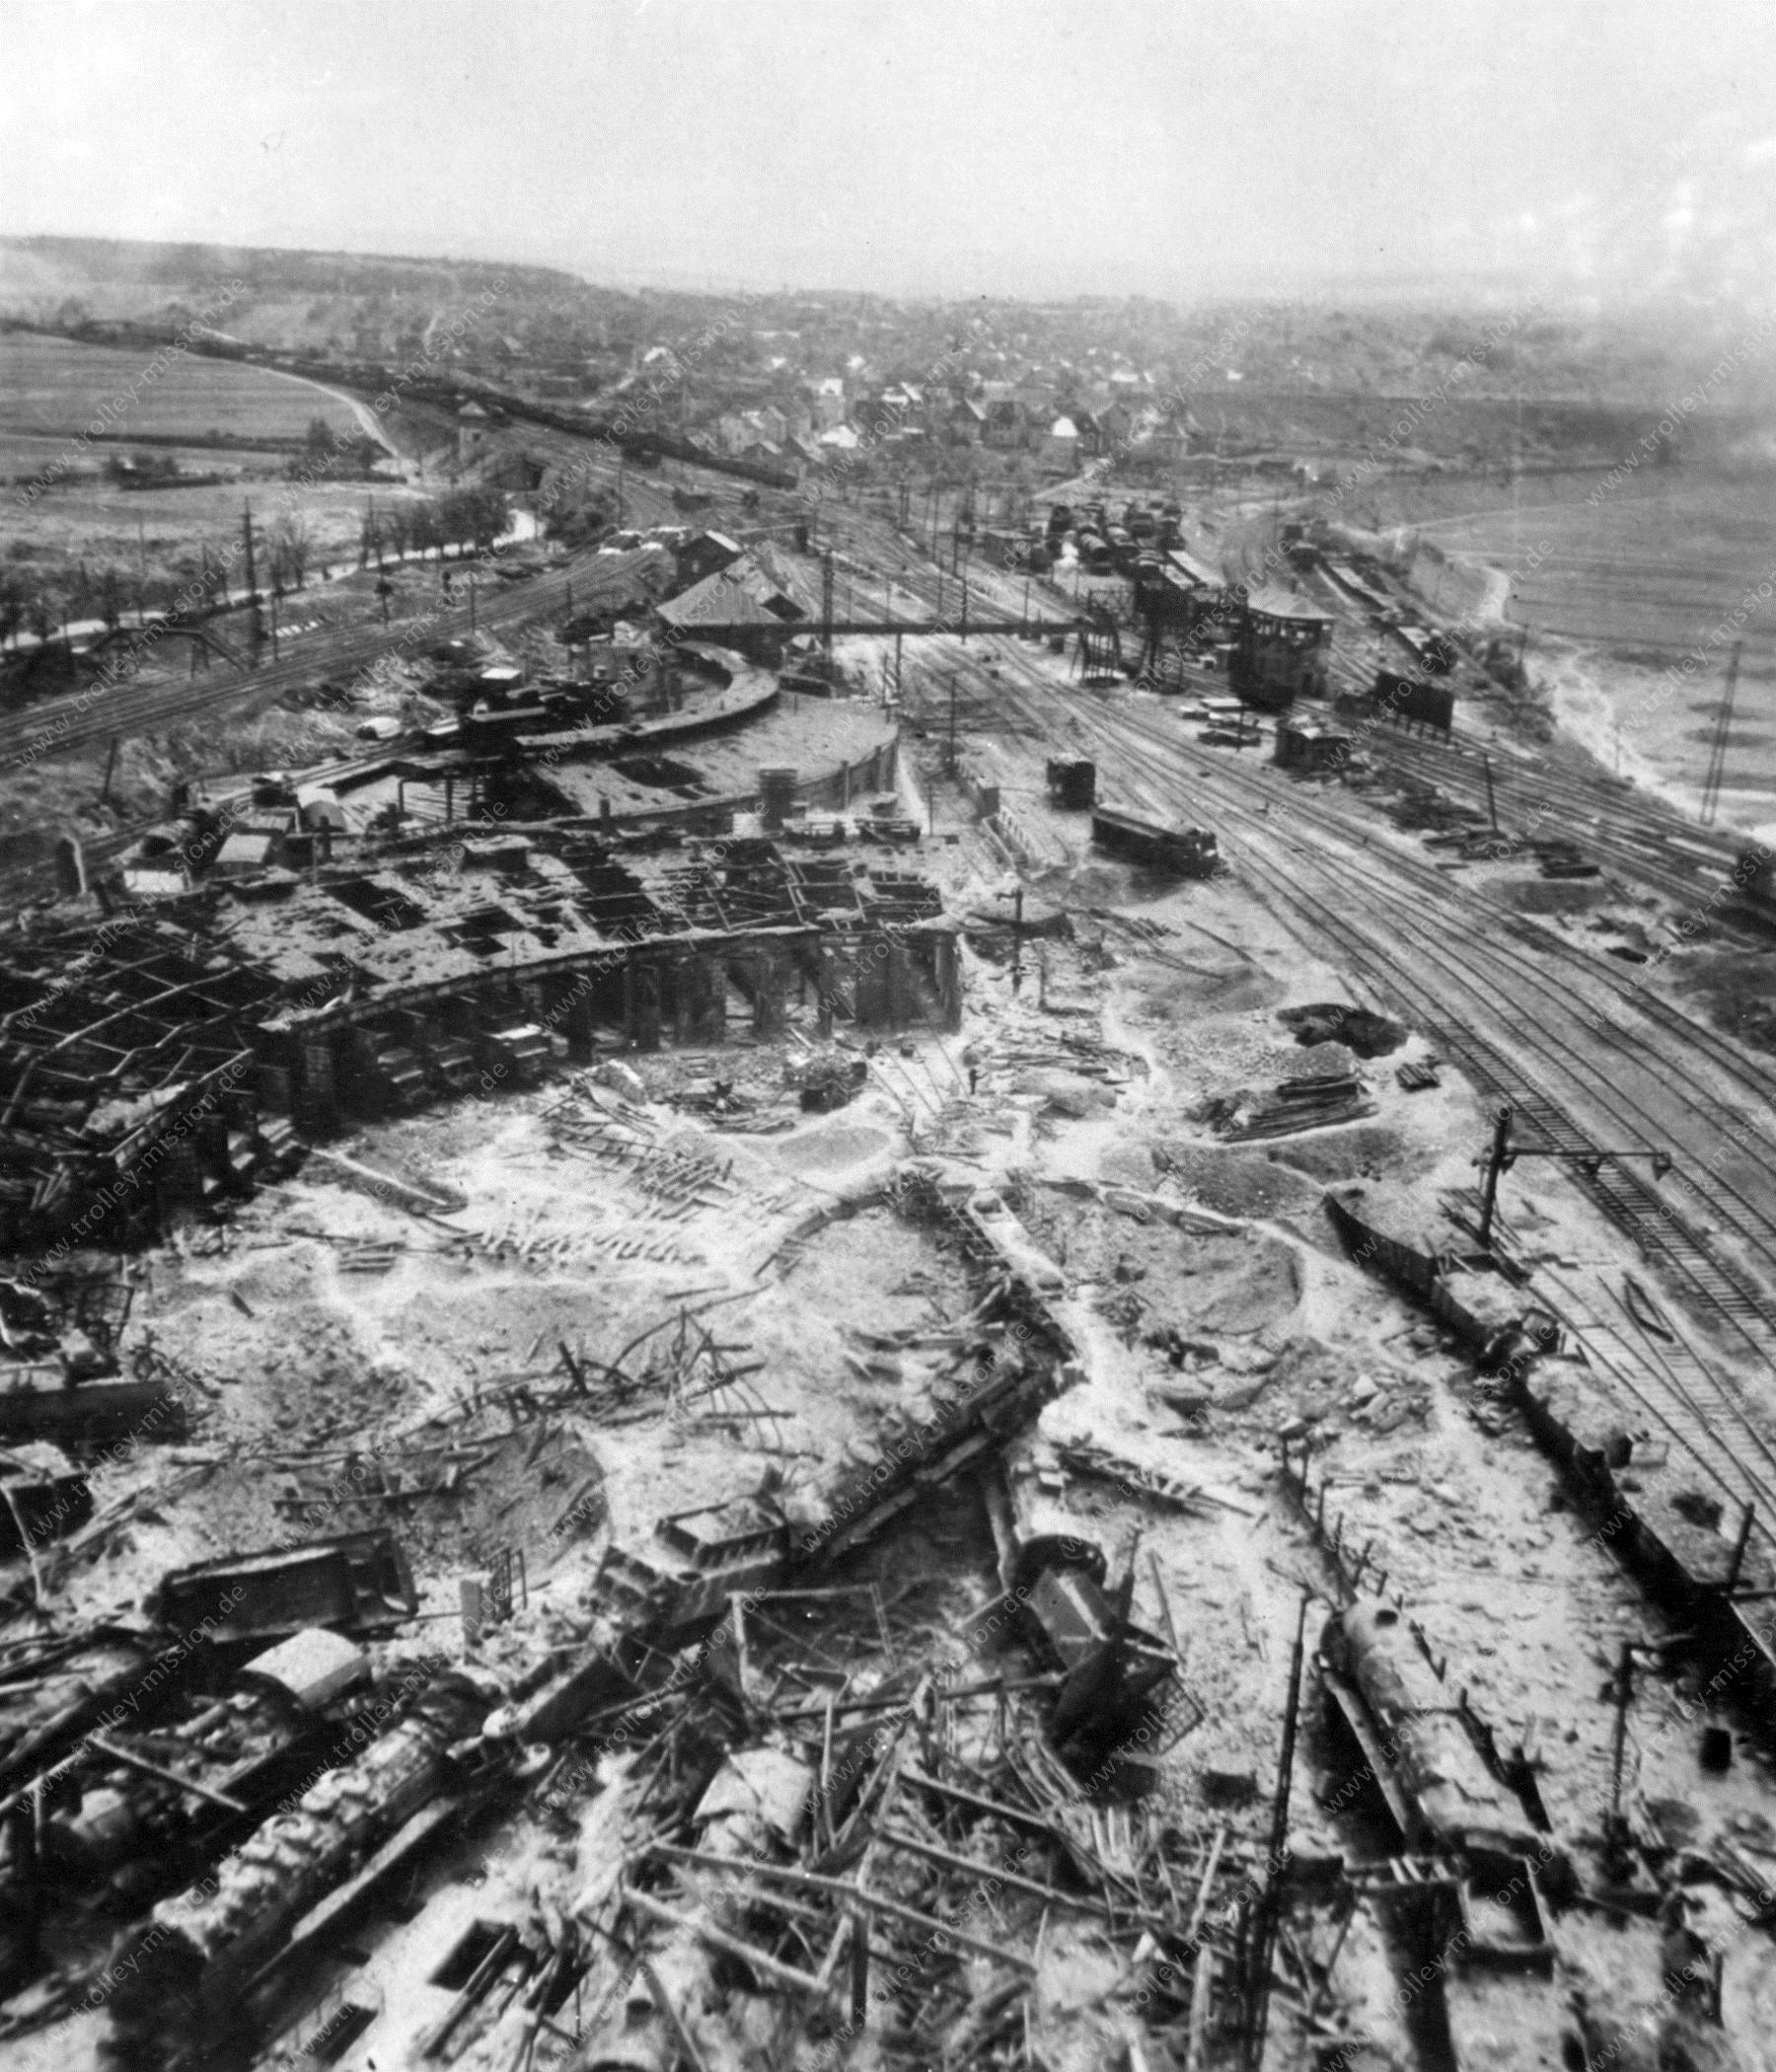 Ringlokschuppen am Bahnbetriebswerk Gießen mit zerstörten Dampflokomotiven - Luftbildserie im Tiefflug nach dem Zweiten Weltkrieg 1945